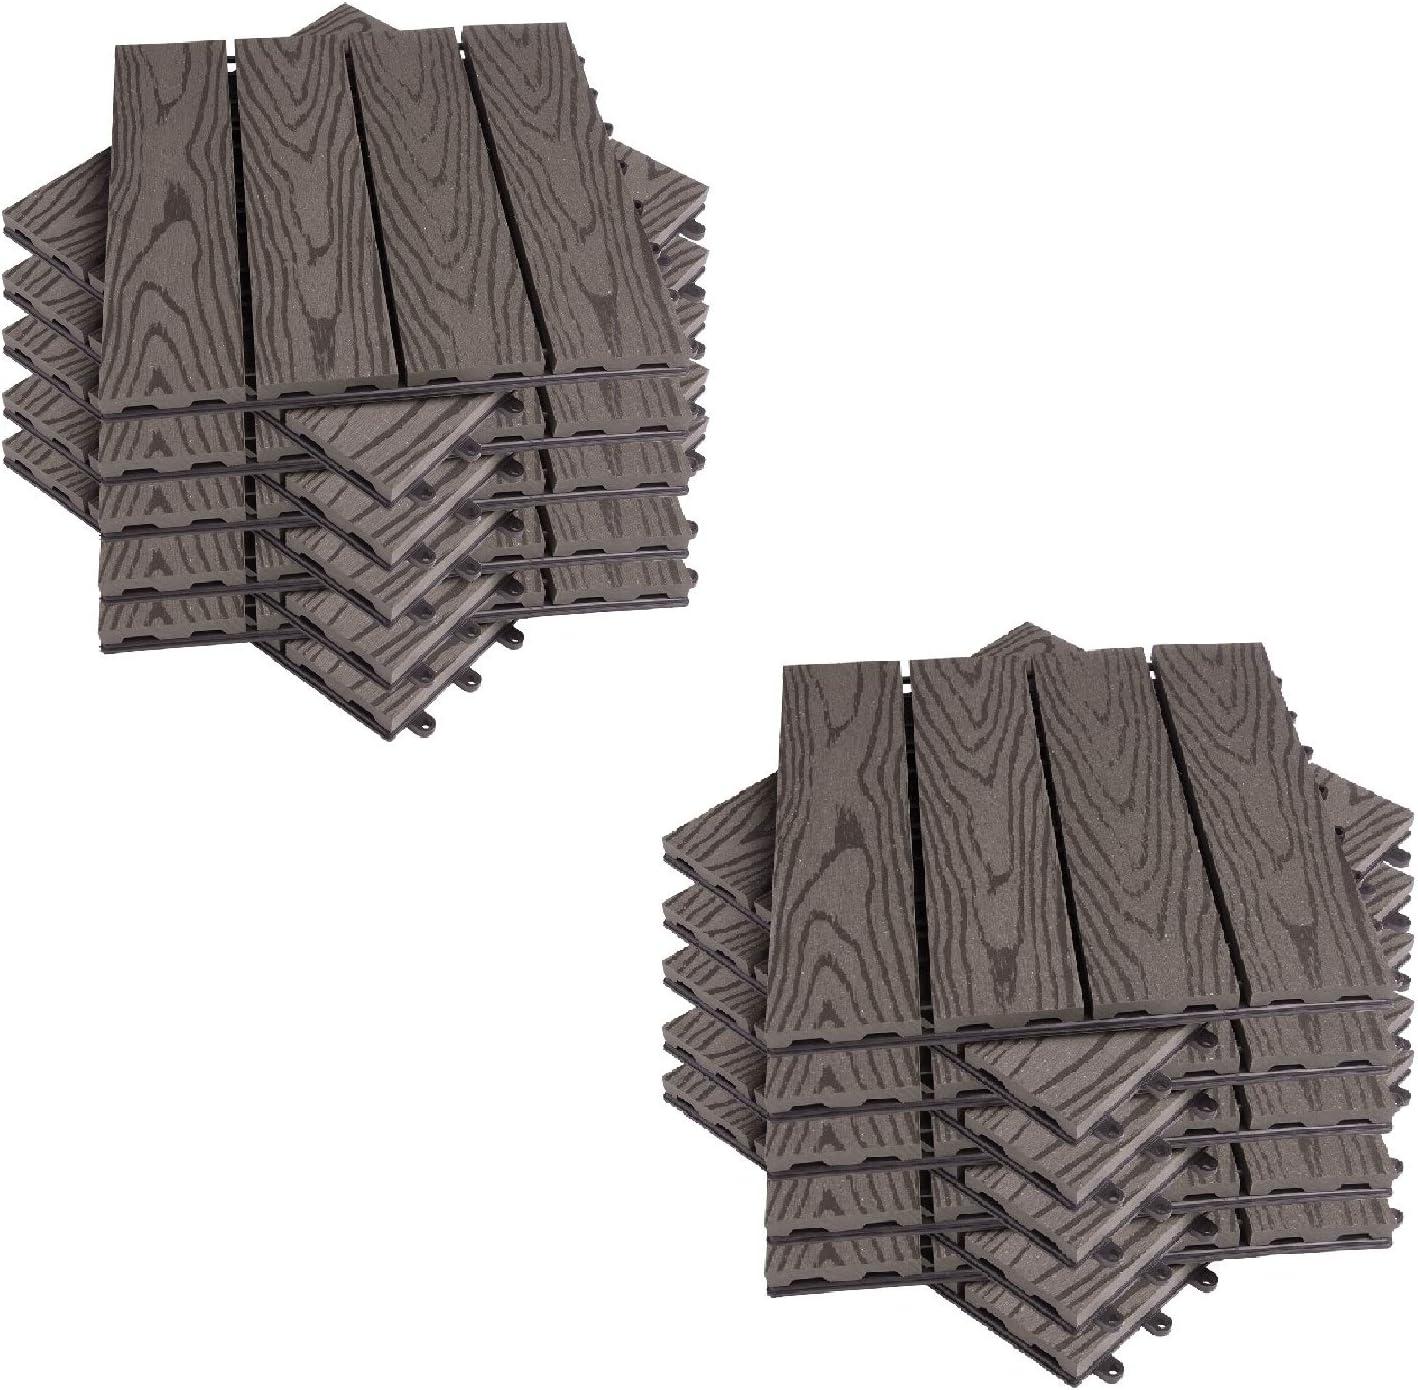 EUGAD 22x Suelo de Exterior WPC 30x30cm Terrazas del Piso 22 Set 2? Baldosas de Madera para Jardin, Terraza Café